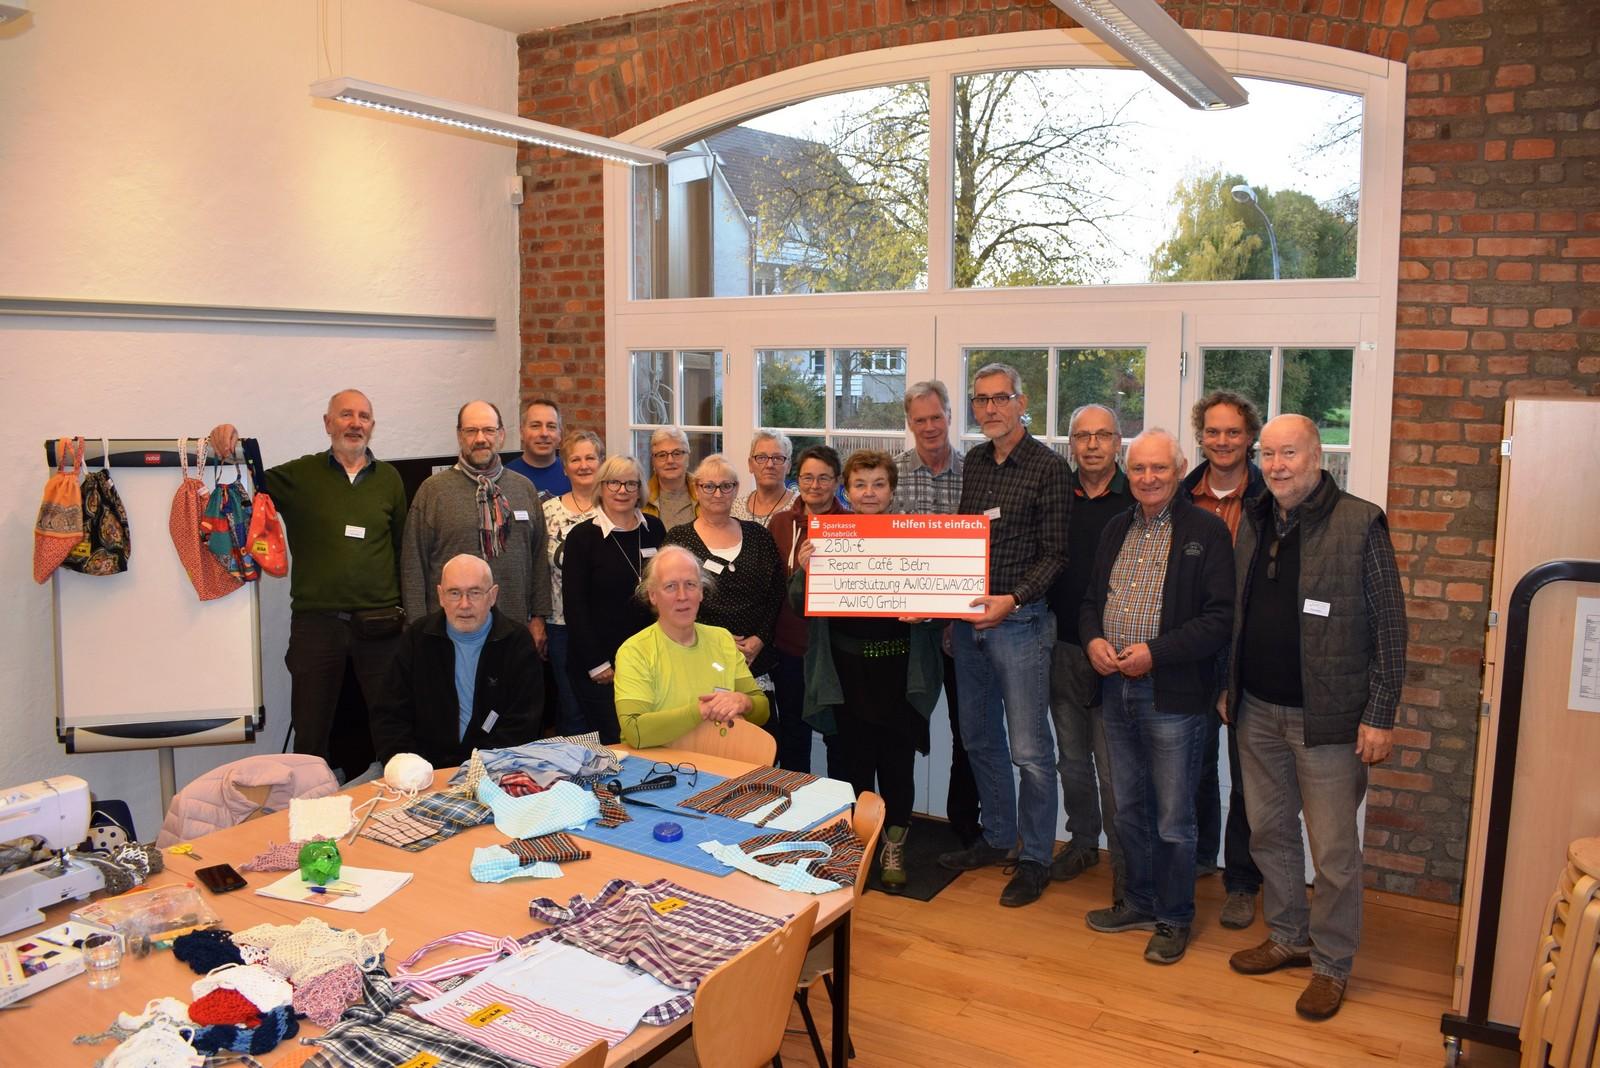 Einige der 22 ehrenamtlich Engagierten für das Repair Café Belm waren am vergangenen Freitag vor Ort und nahmen gemeinsam mit Fred Anders (5.v.r.) und Erika Rosenthal (7.v.r.) gern den AWIGO-Scheck entgegen.